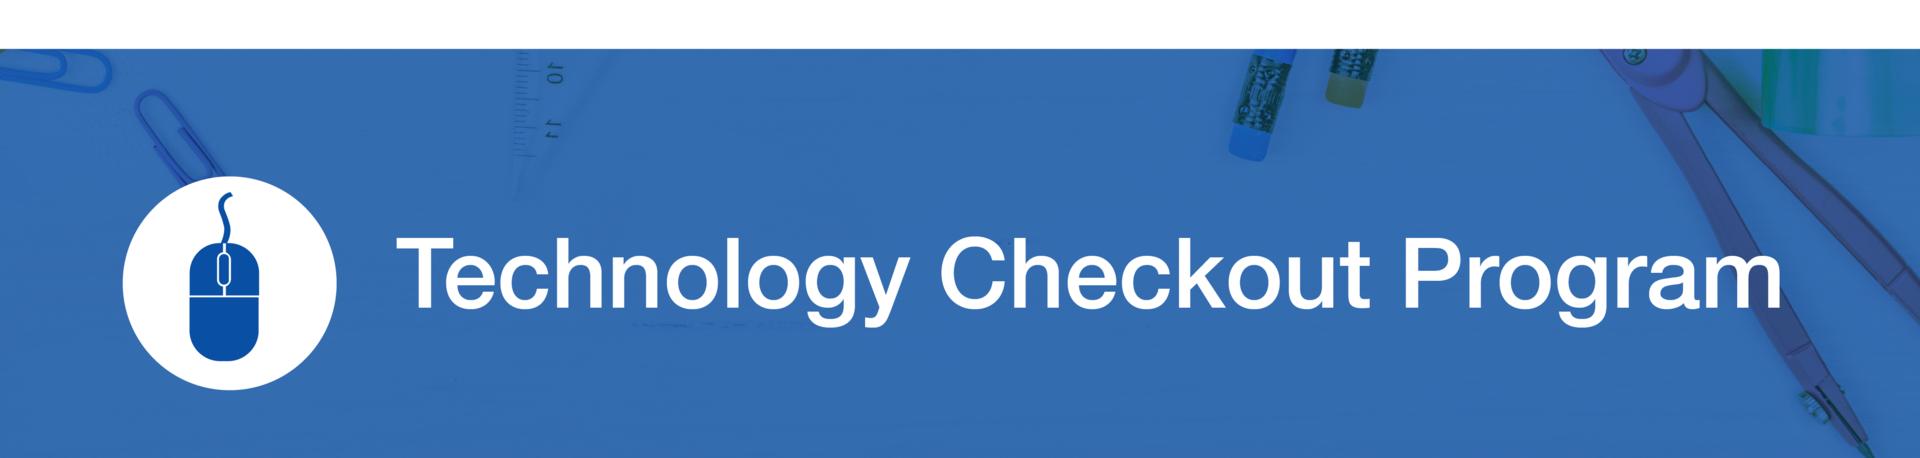 Technology Checkout Program